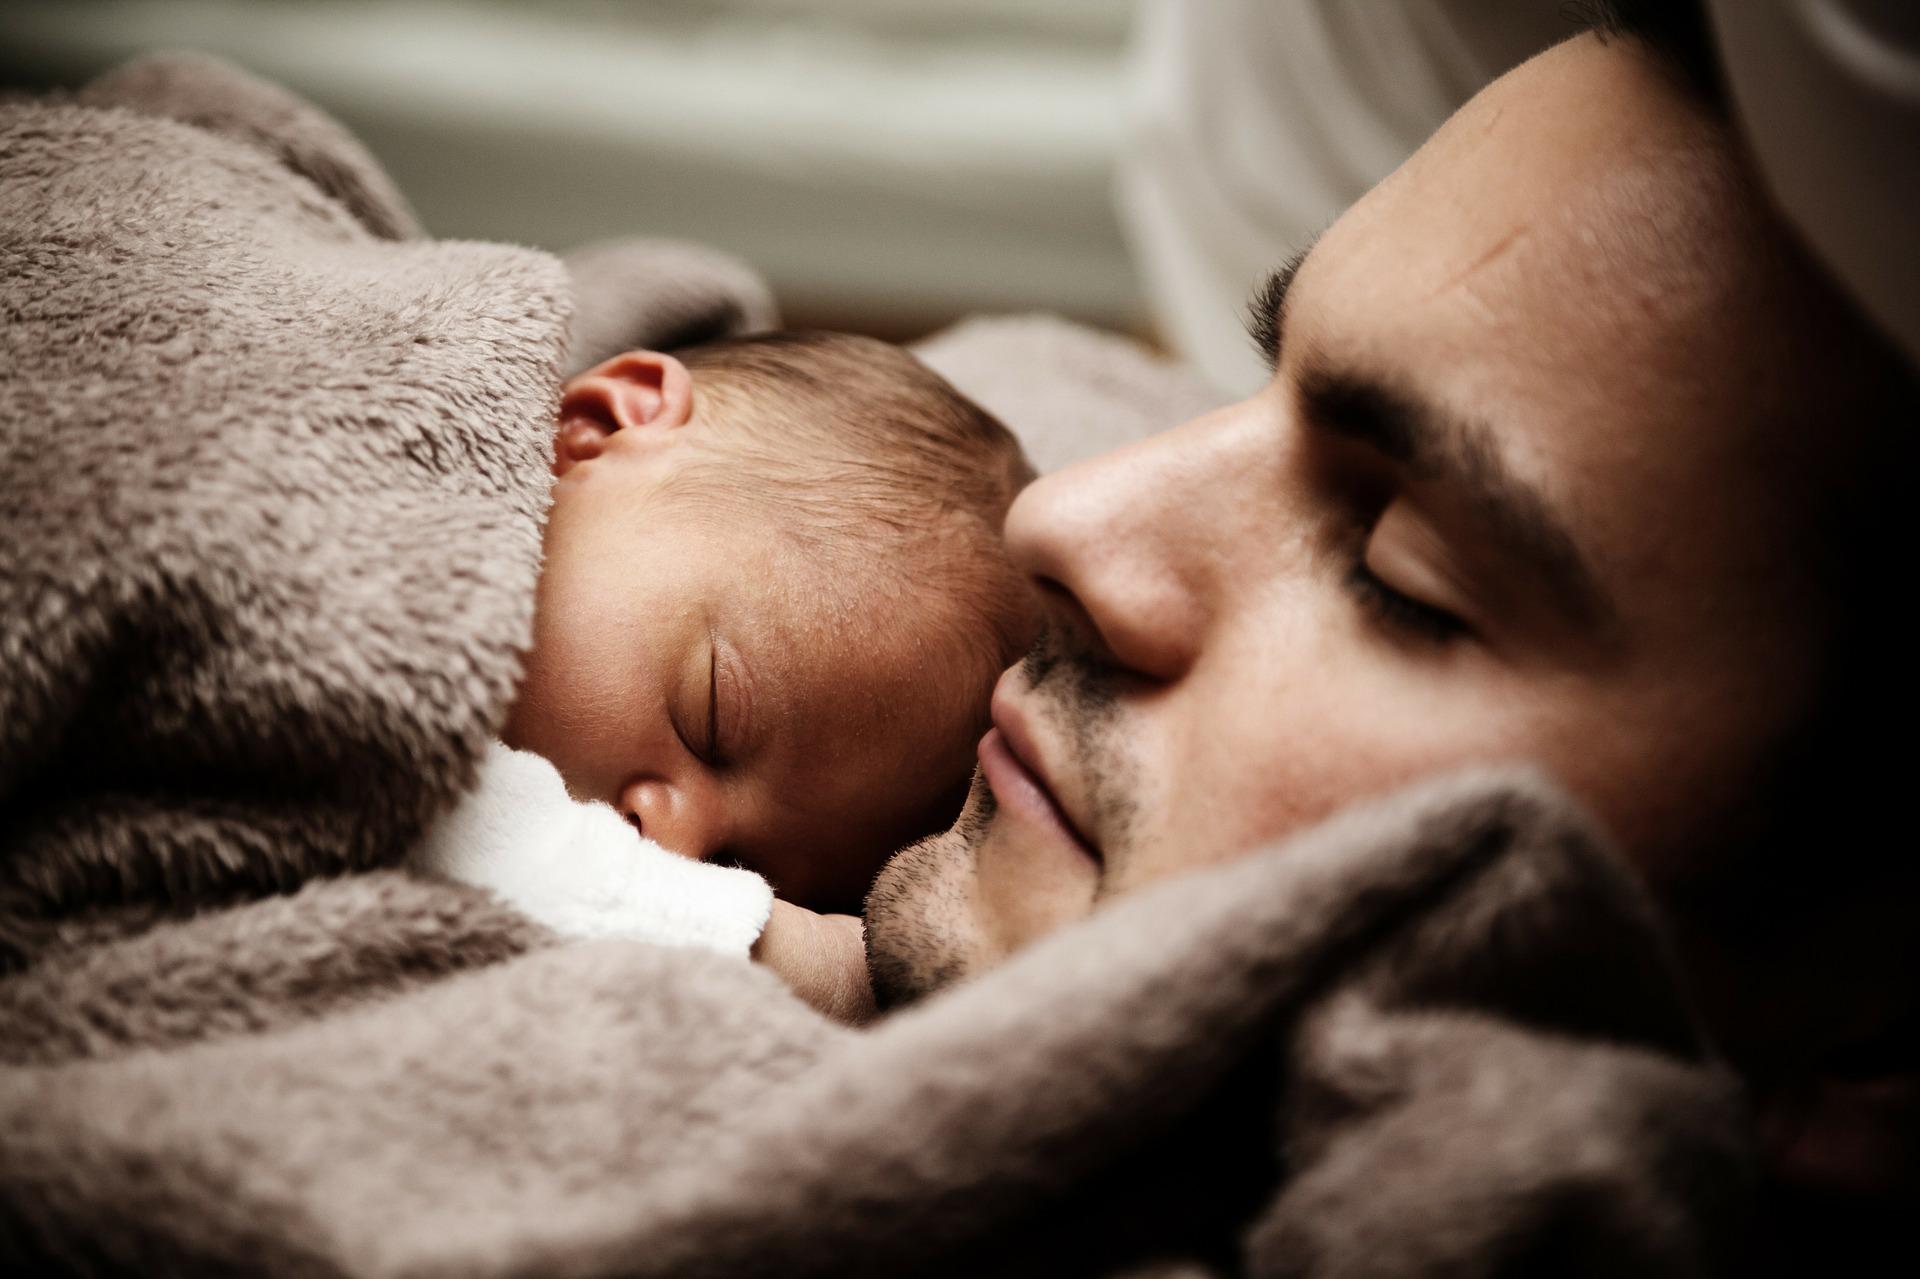 Minden második apa szívesen otthon maradna a gyerekkel